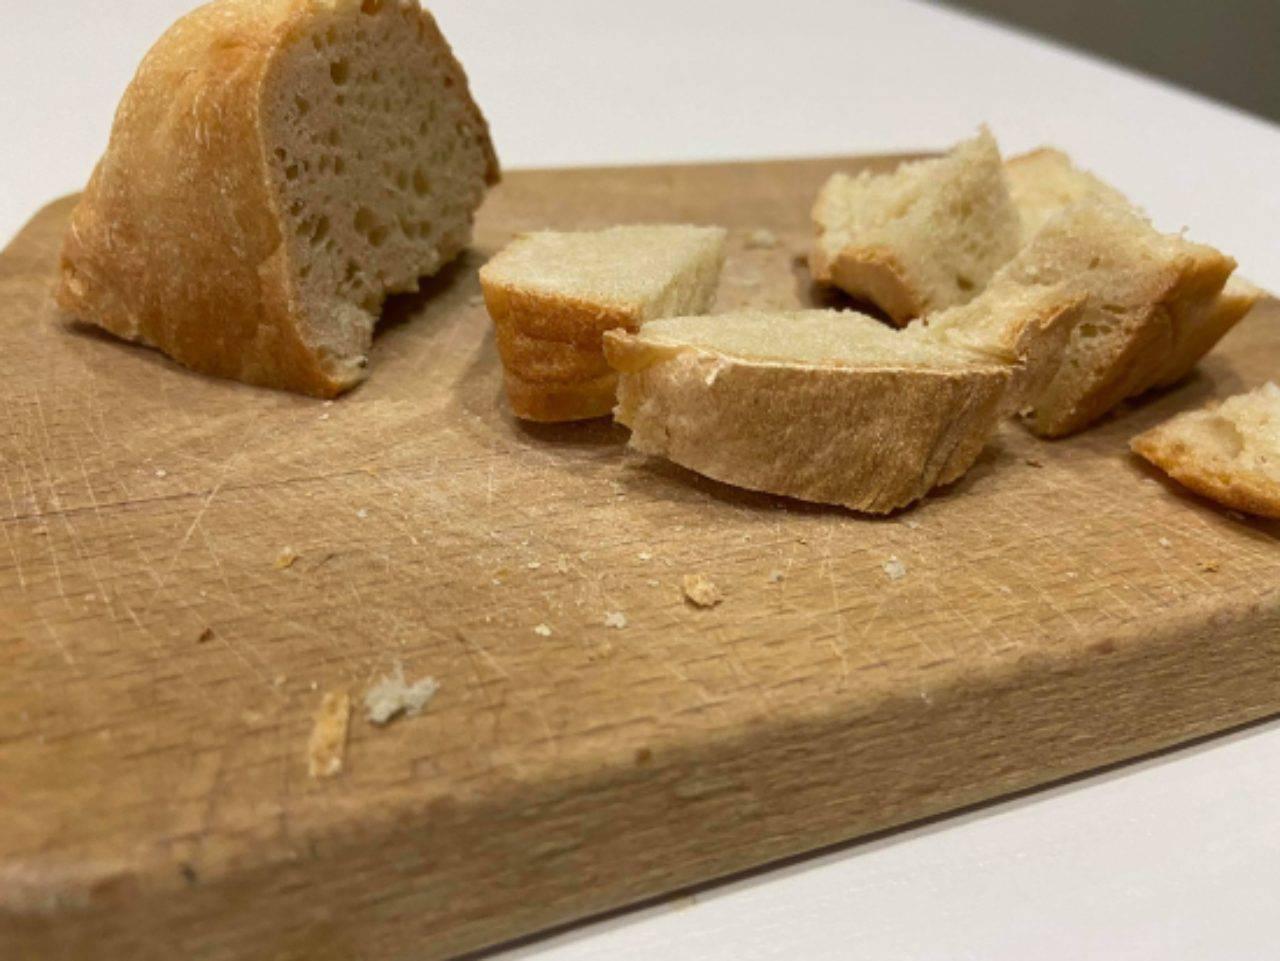 Crostini di pane fatti in casa con olio e spezie: saranno il vostro spuntino preferito